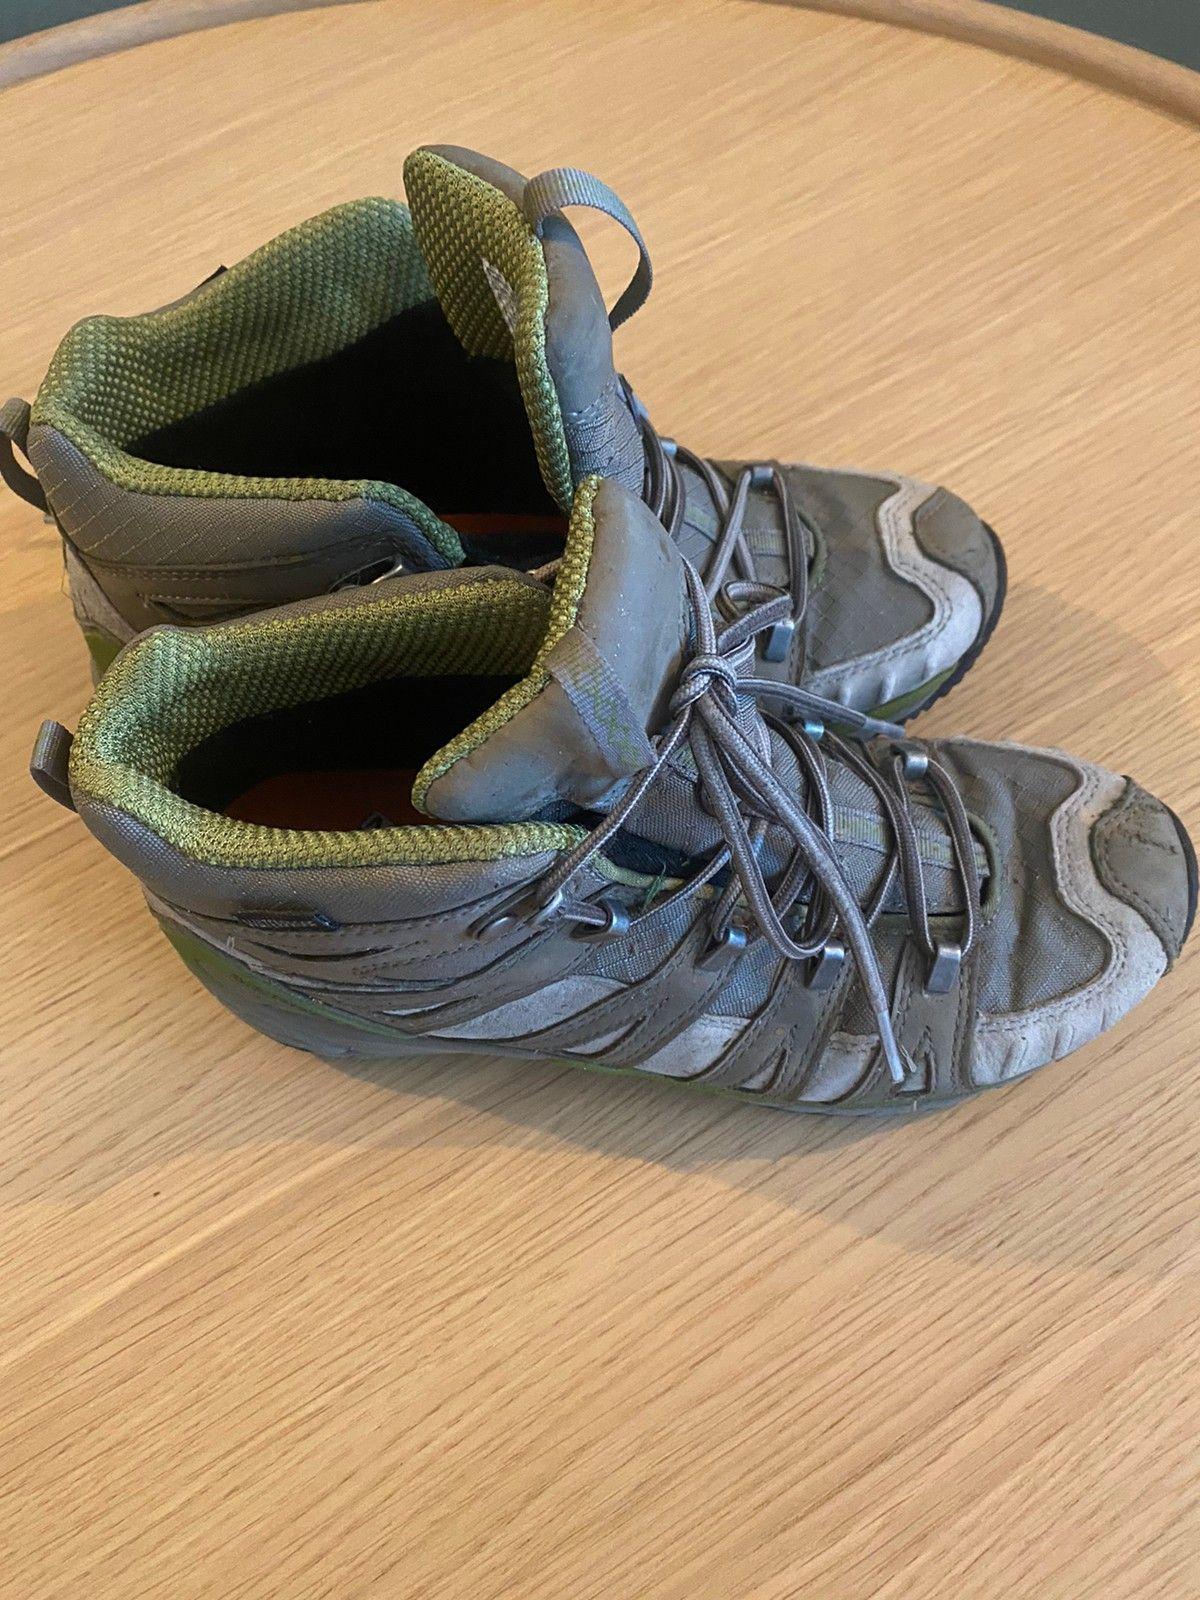 Merrell sko | FINN.no